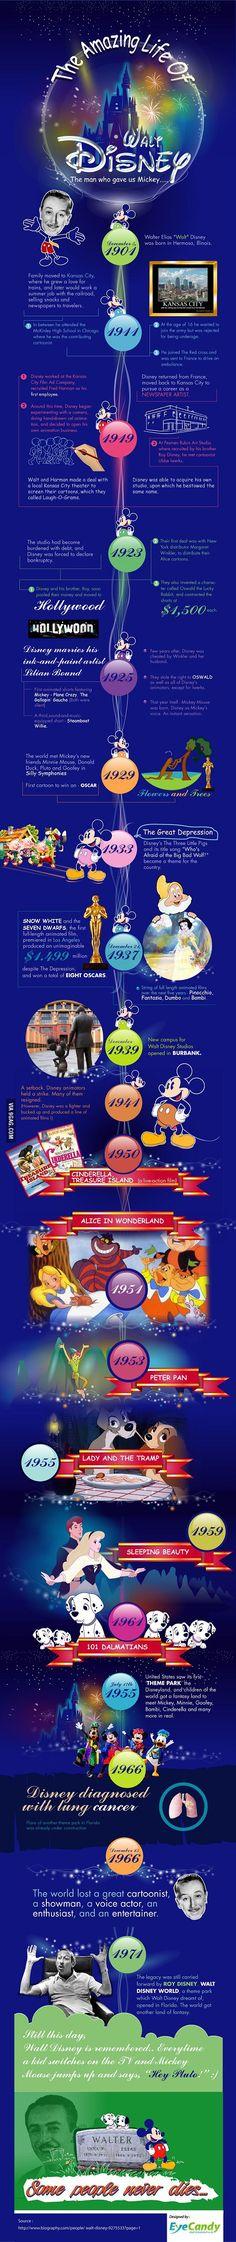 Walt Disney*